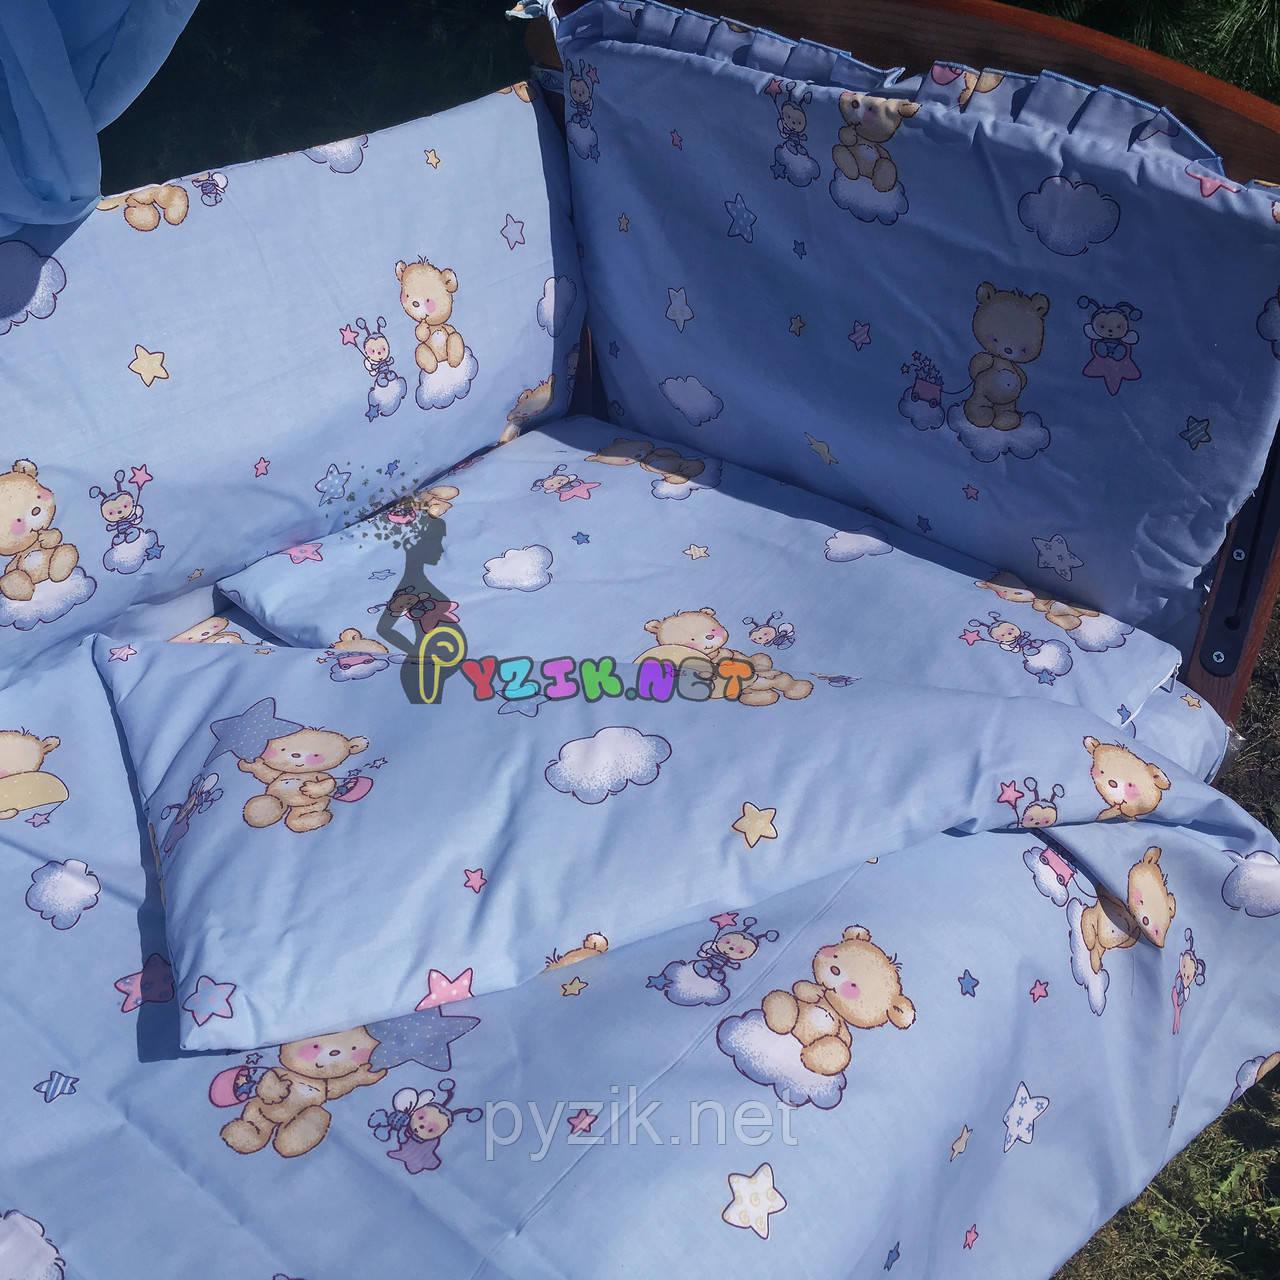 """Постельный набор в детскую кроватку (8 предметов) Premium """"Мишки на облаке"""" голубой"""